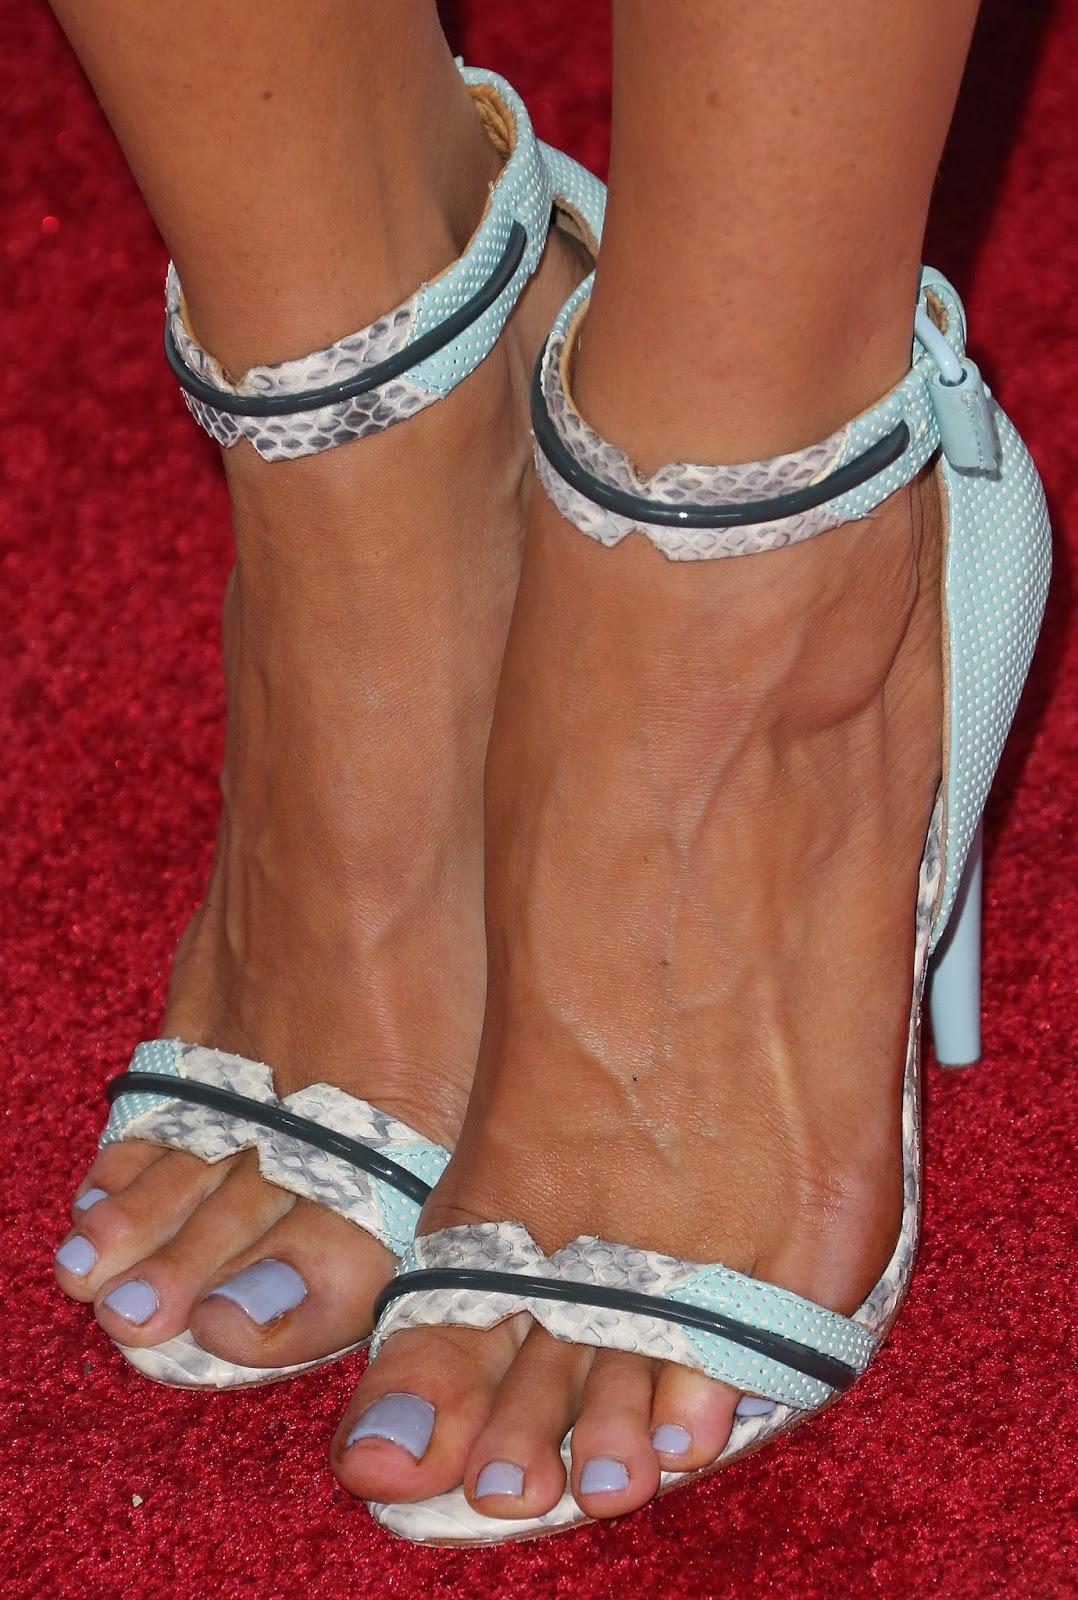 Feet Natalie Barrett naked (28 photos), Sexy, Paparazzi, Boobs, butt 2006